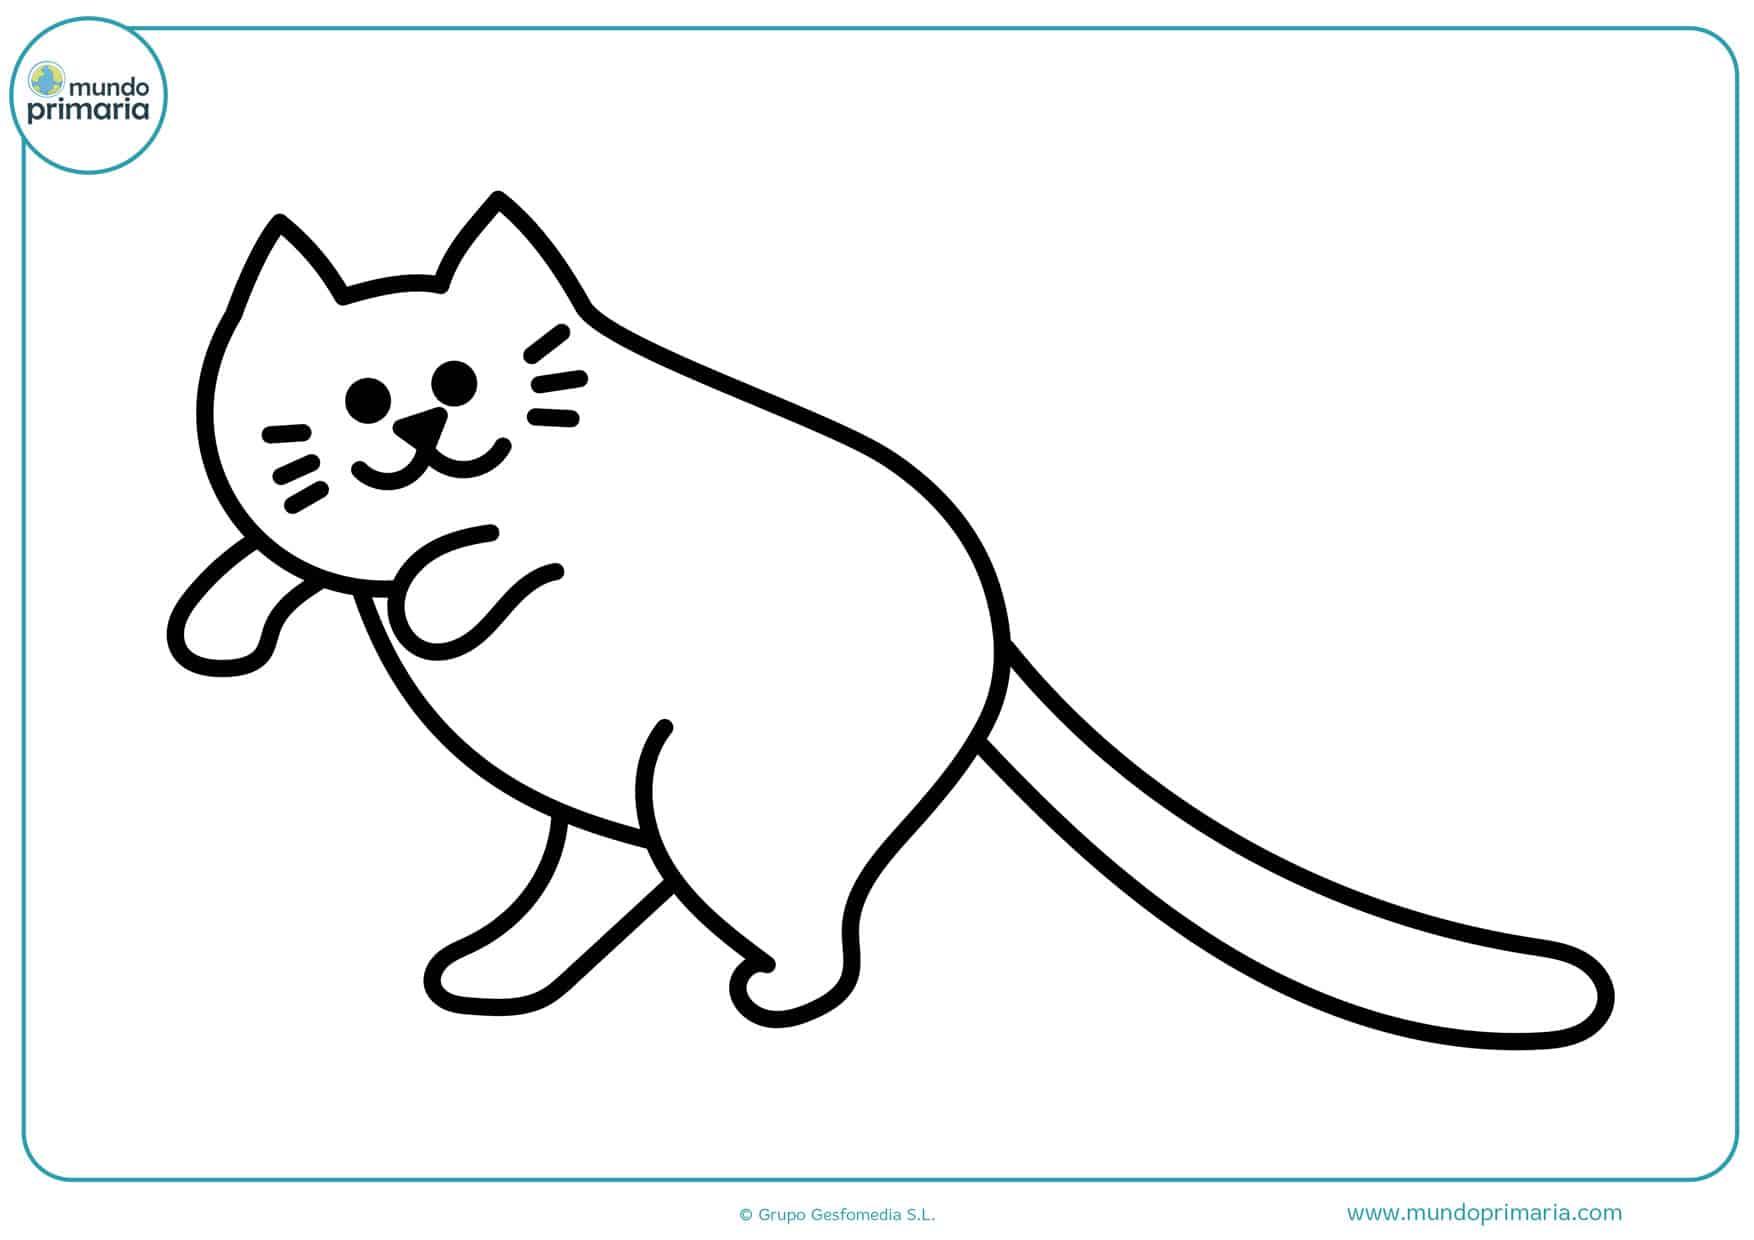 imágenes de gatos para colorear gratis